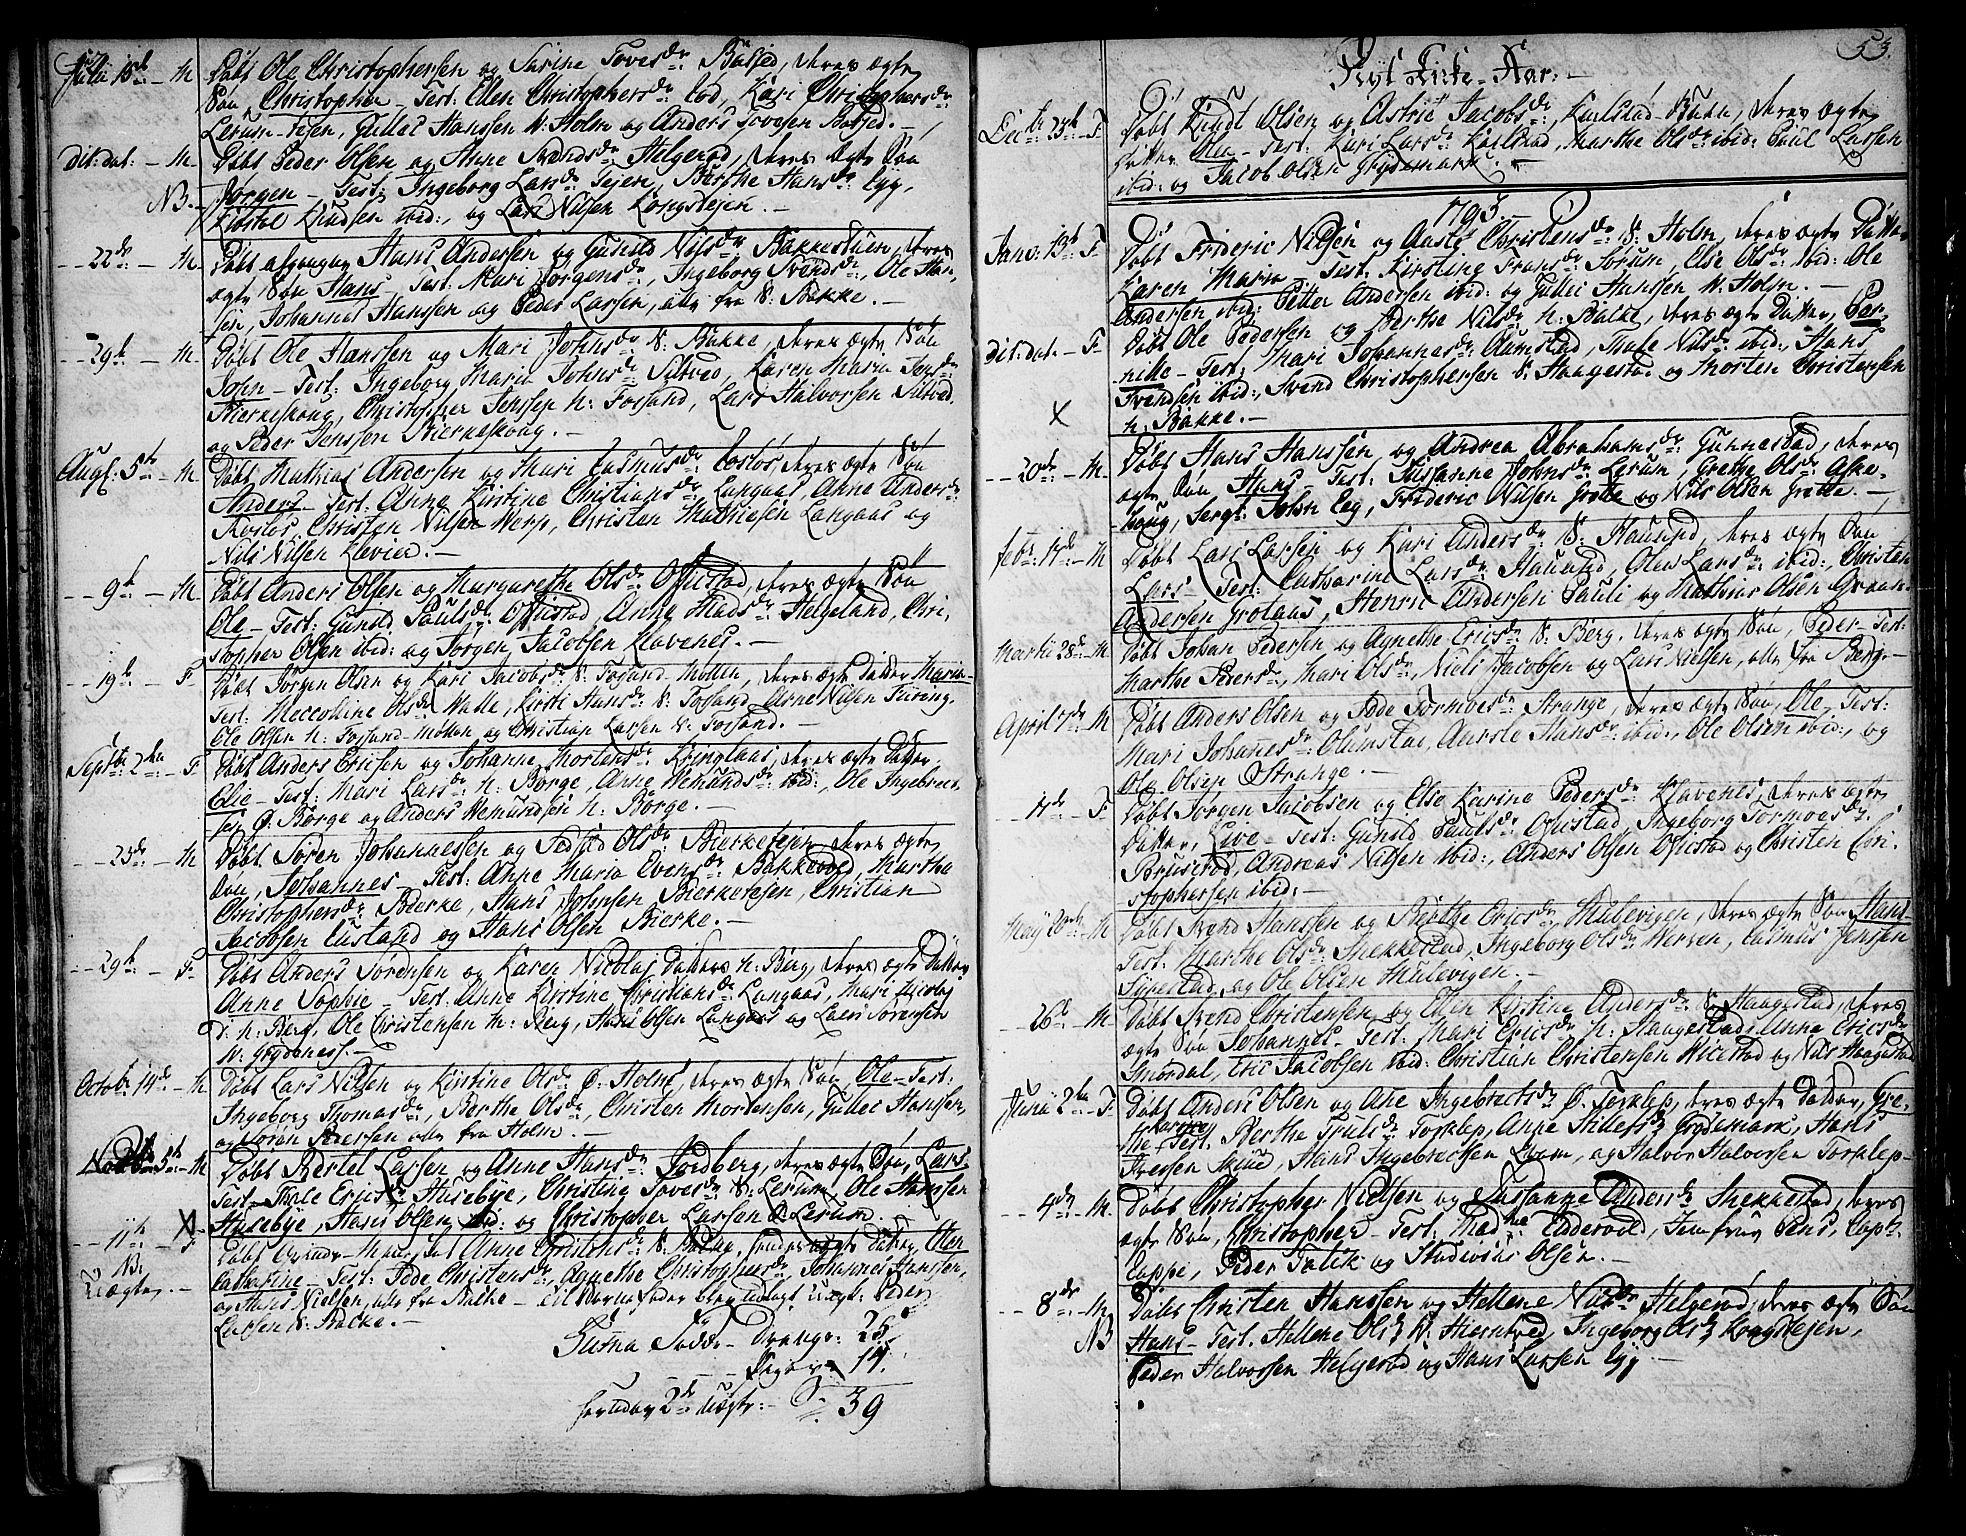 SAKO, Våle kirkebøker, F/Fa/L0005: Ministerialbok nr. I 5, 1773-1808, s. 52-53